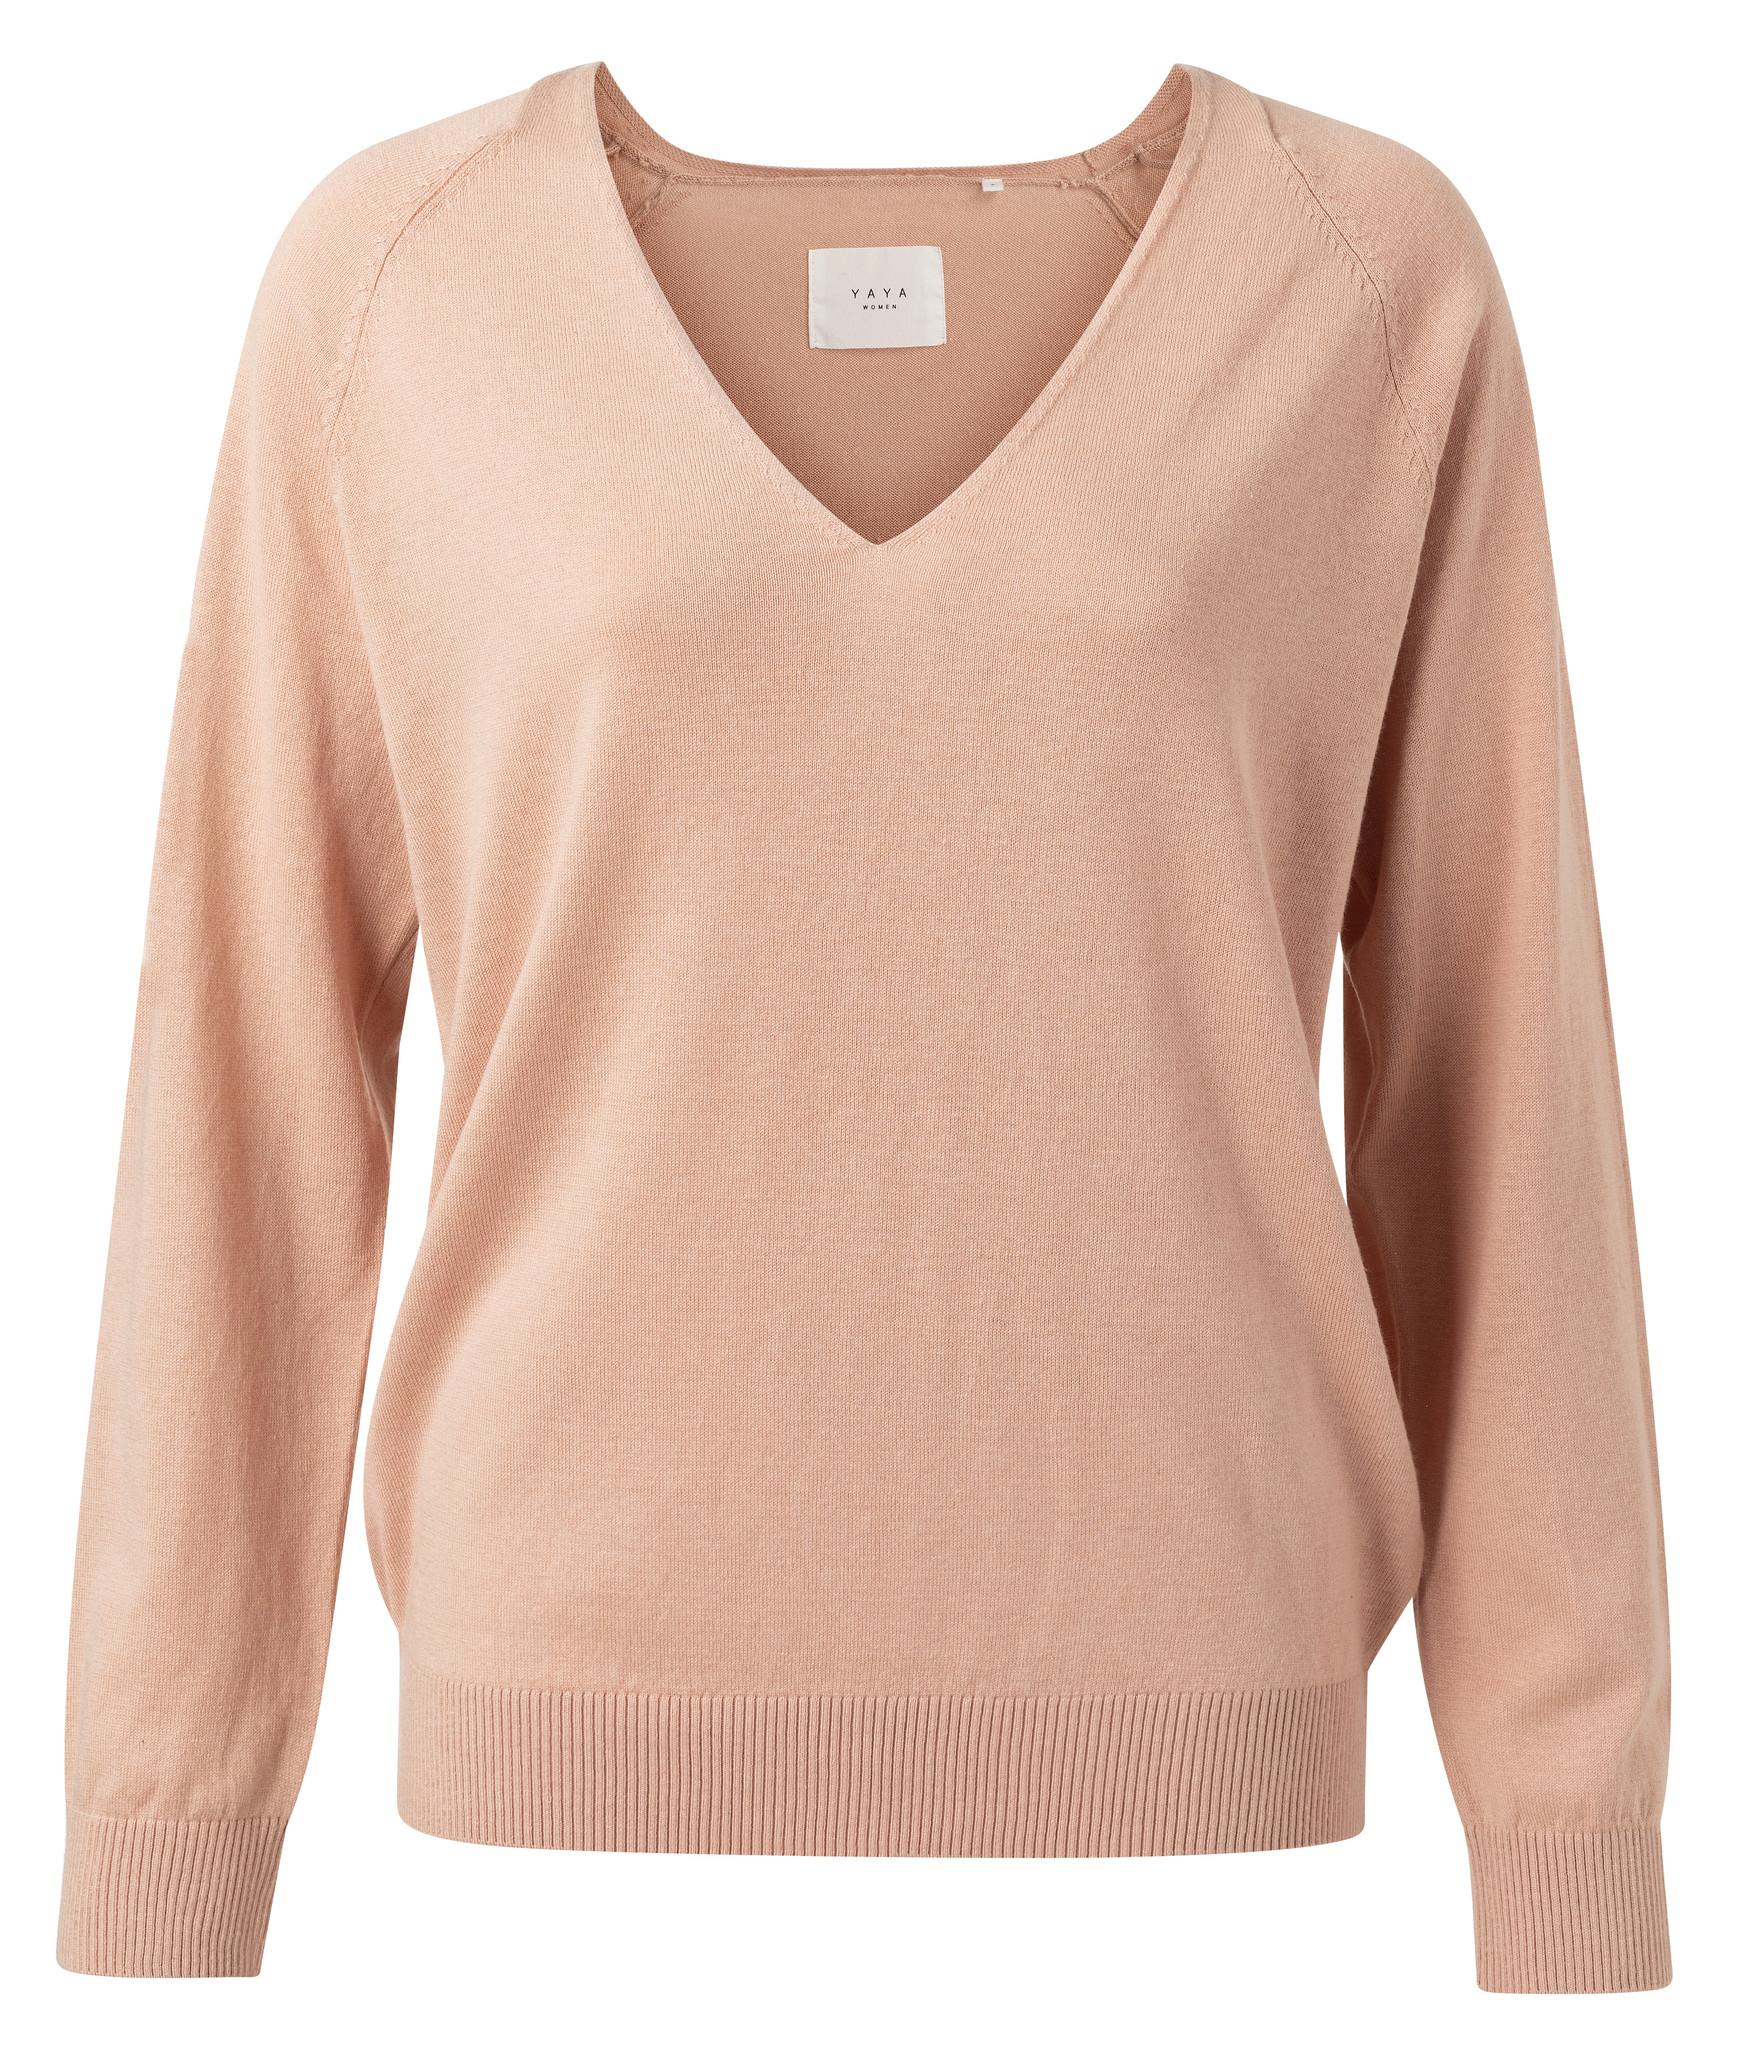 yaya Basic vneck sweater 1000273-113-1